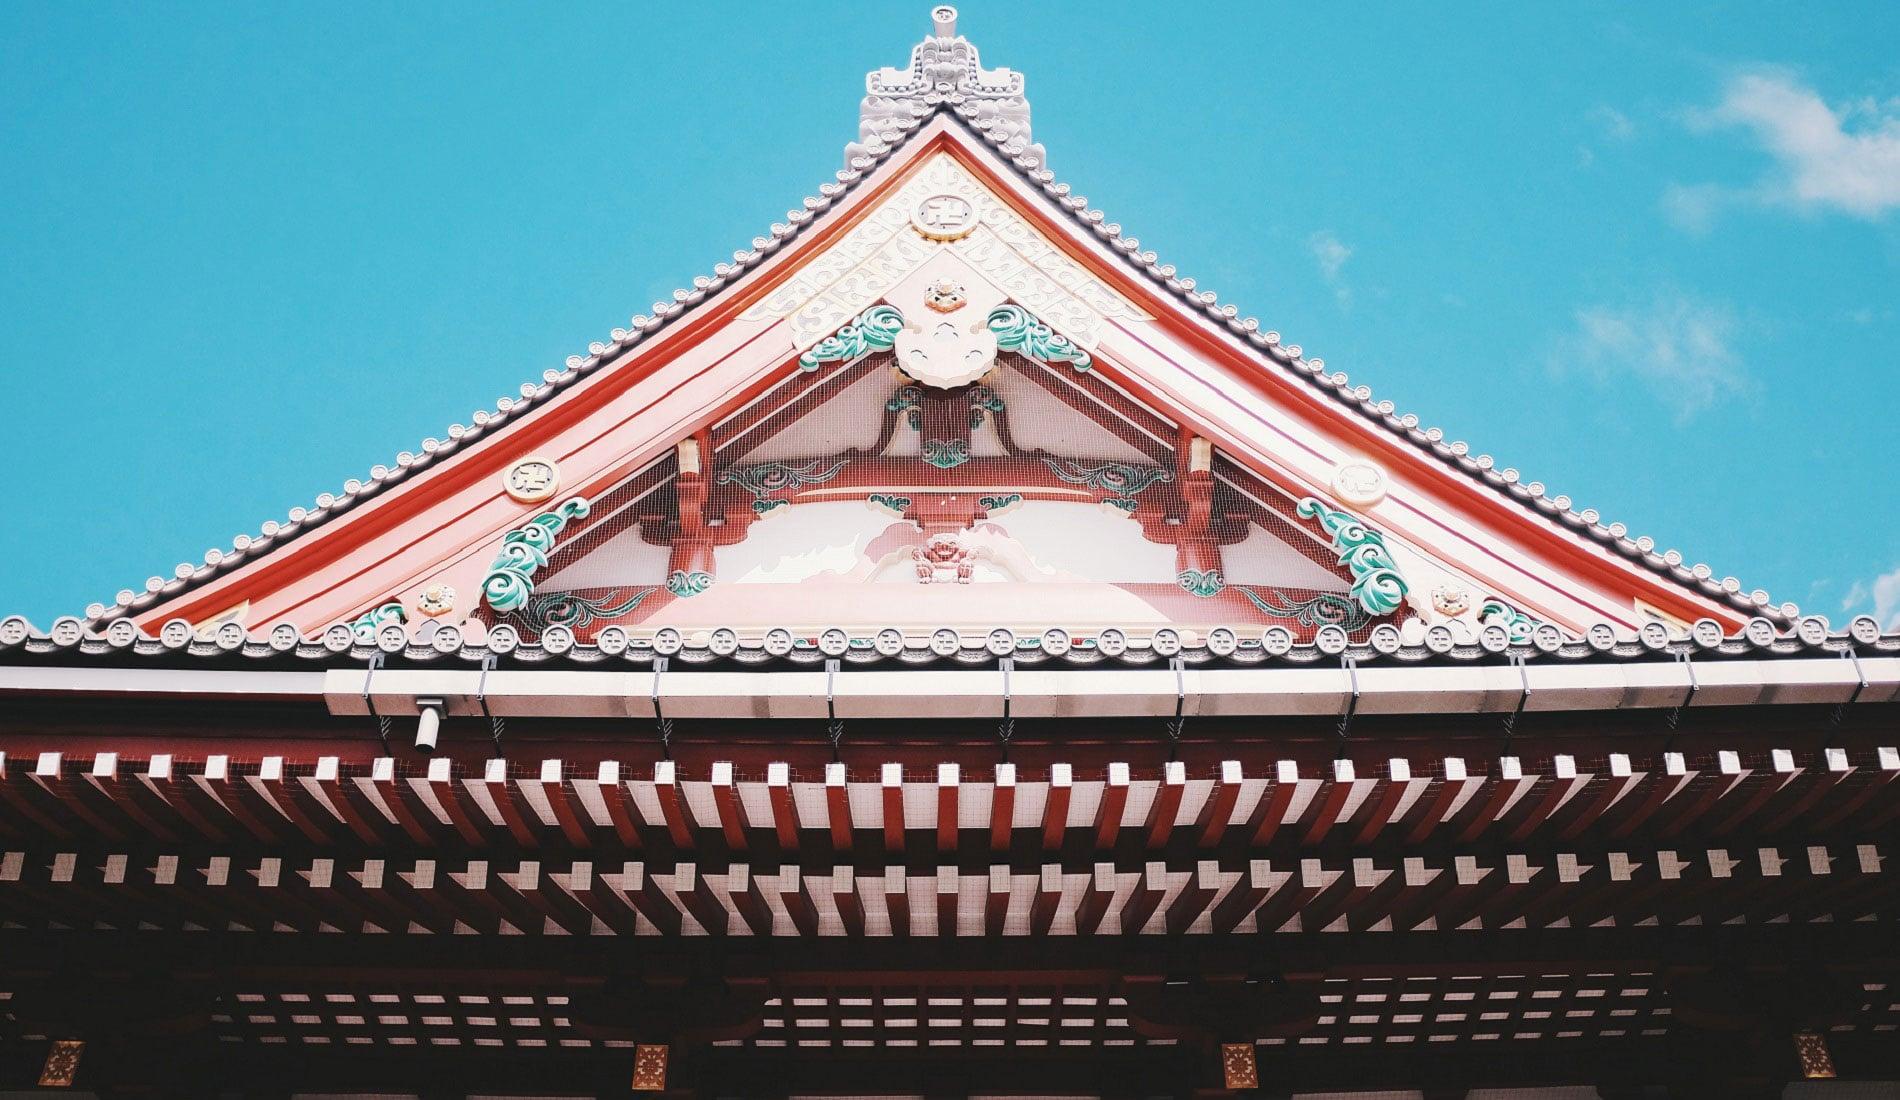 The Chita: toda la magia de Japón concentrada en una península